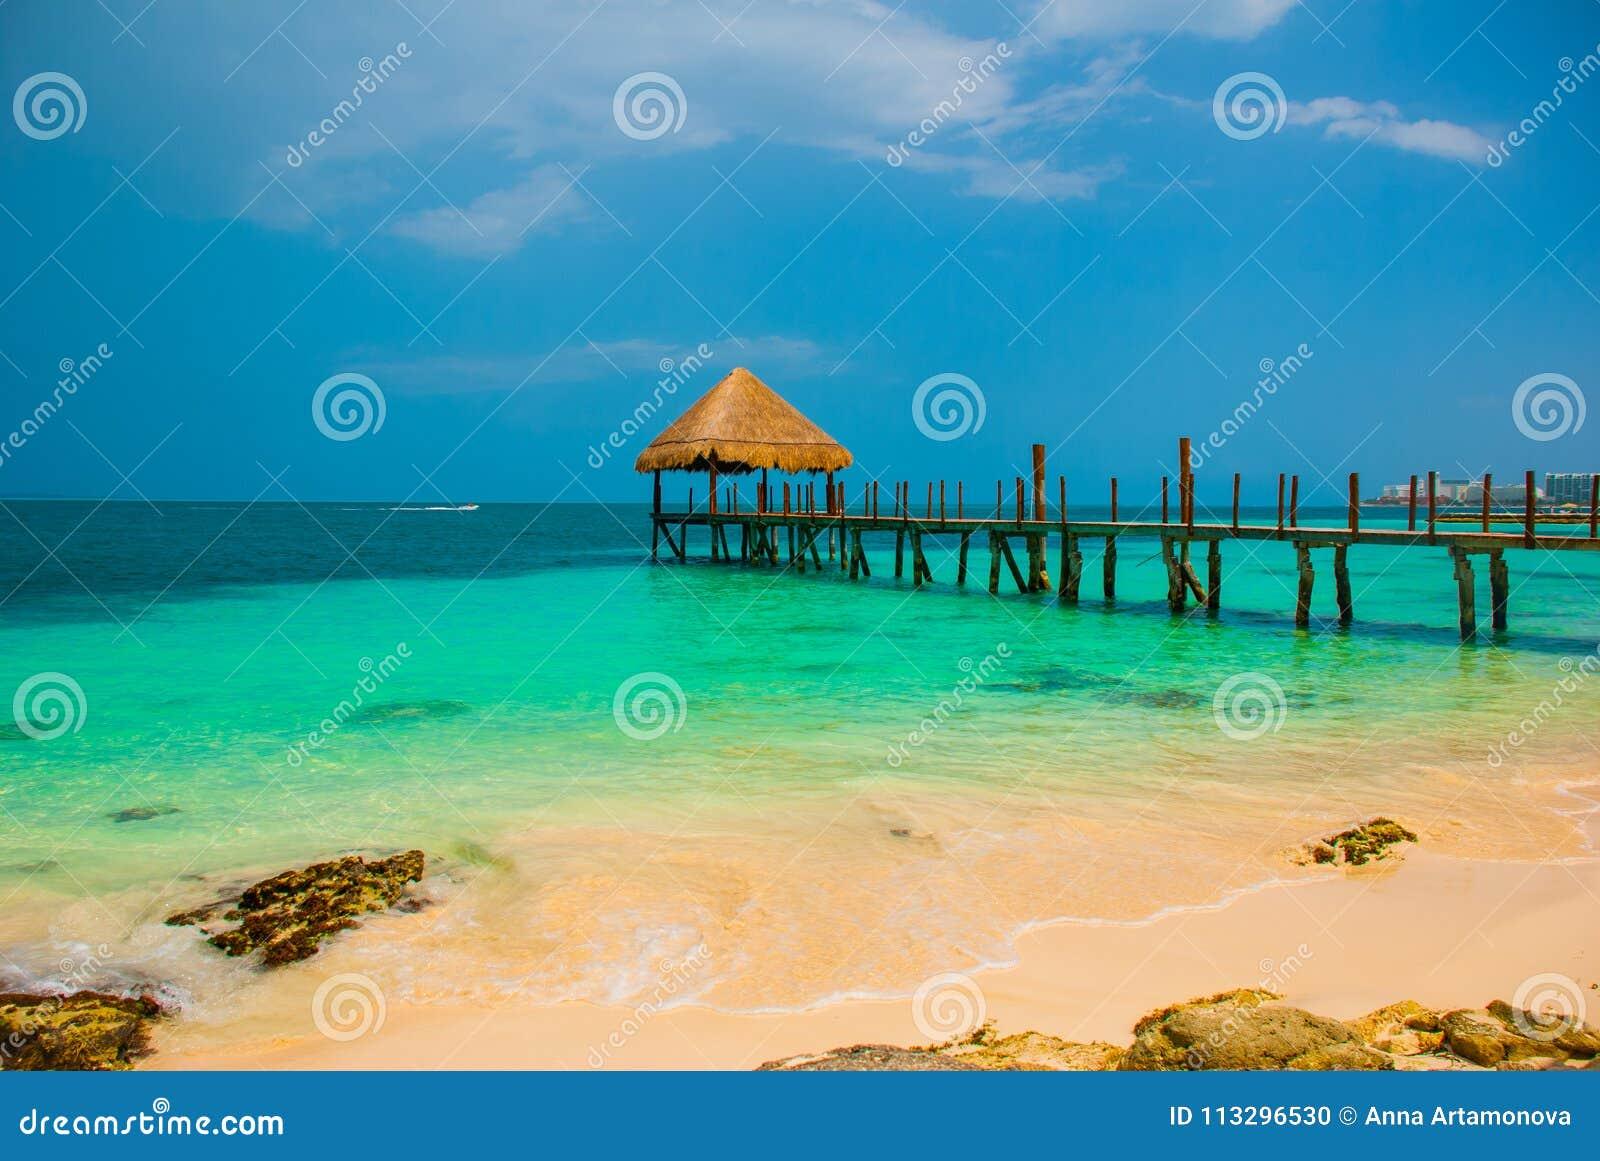 Pilastro e gazebo di legno dalla spiaggia paesaggio tropicale con il